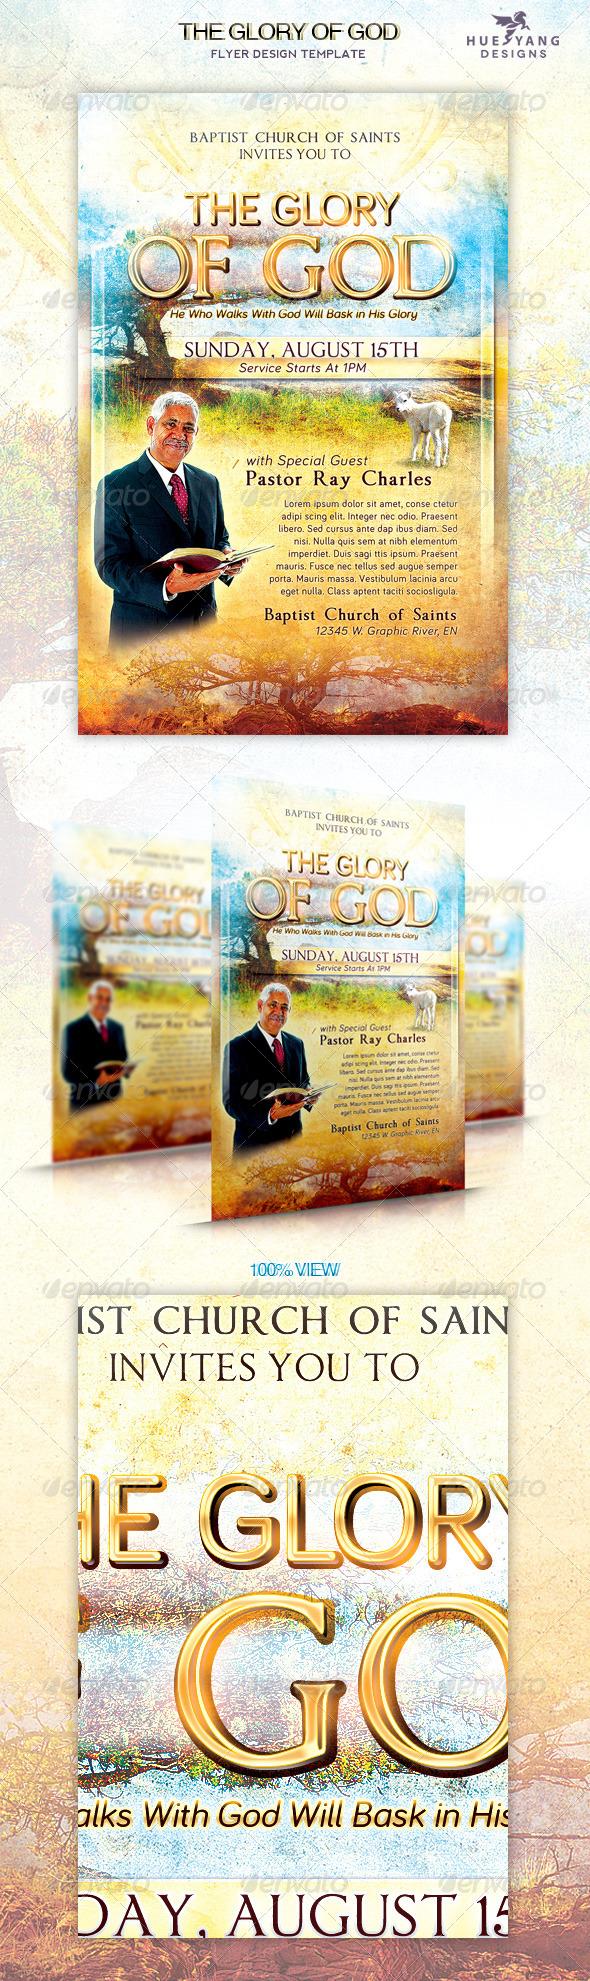 Glory of God Church Flyer - Church Flyers